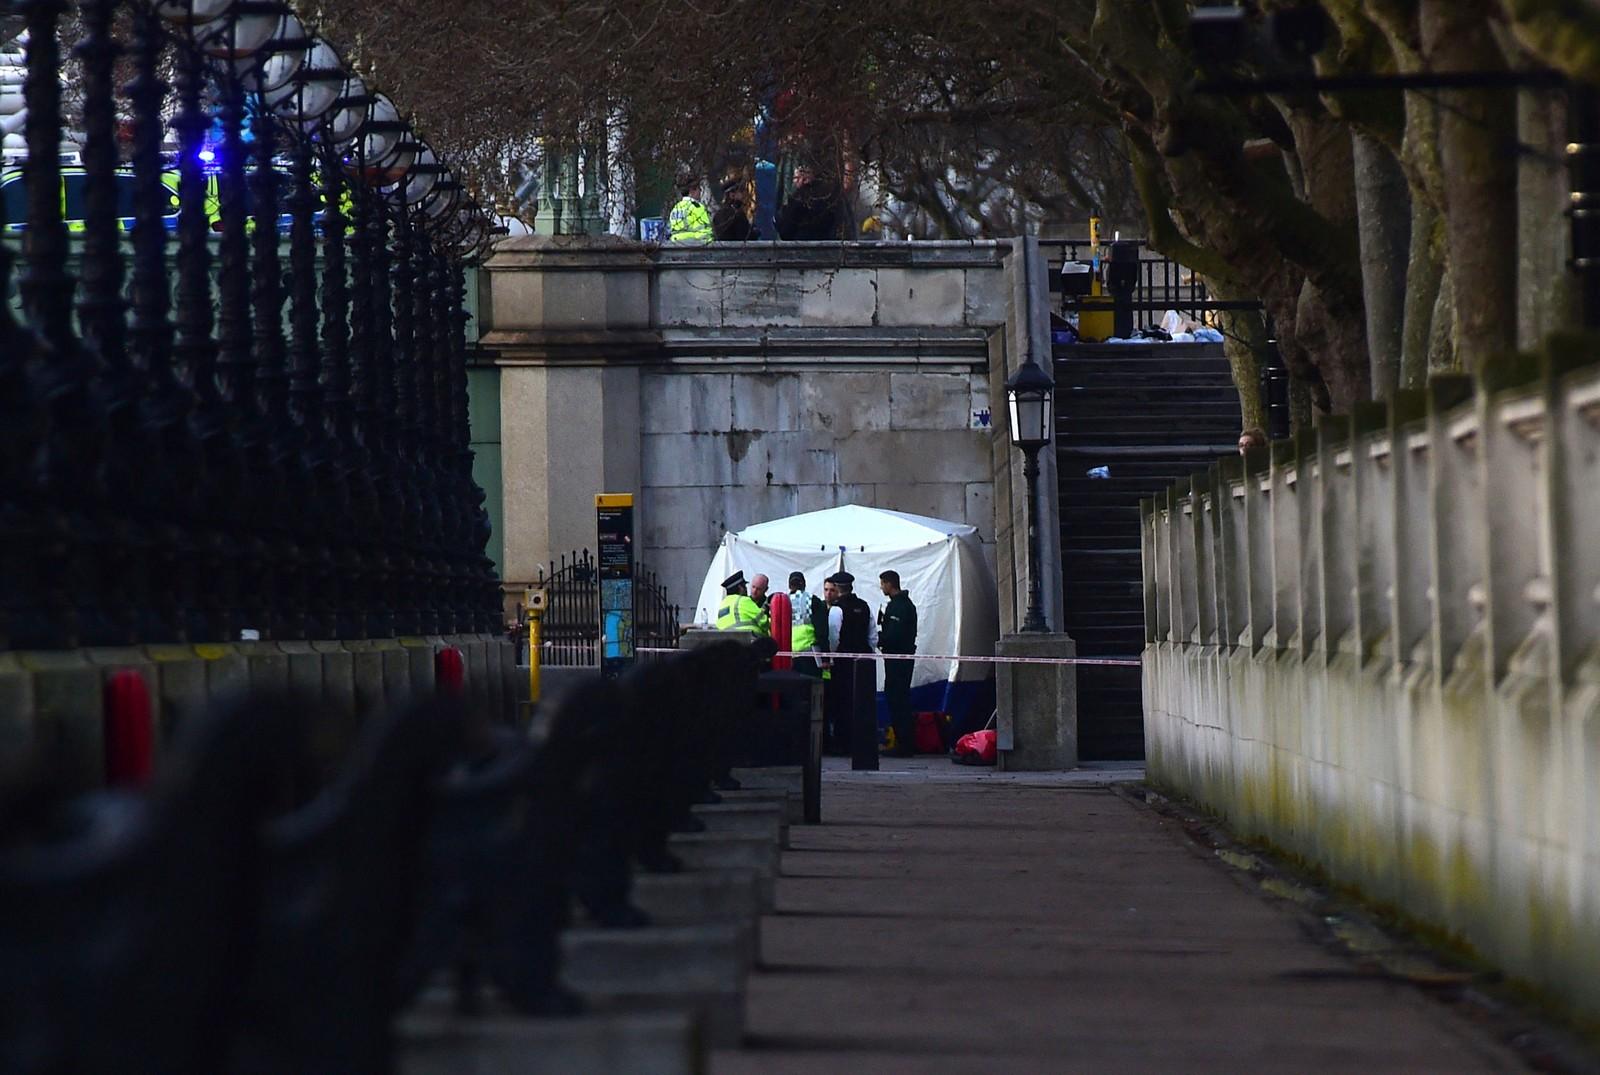 Krimteknikerne har satt opp et telt ved St Thomas' Hospital i nærheten av parlamentsbygningen.